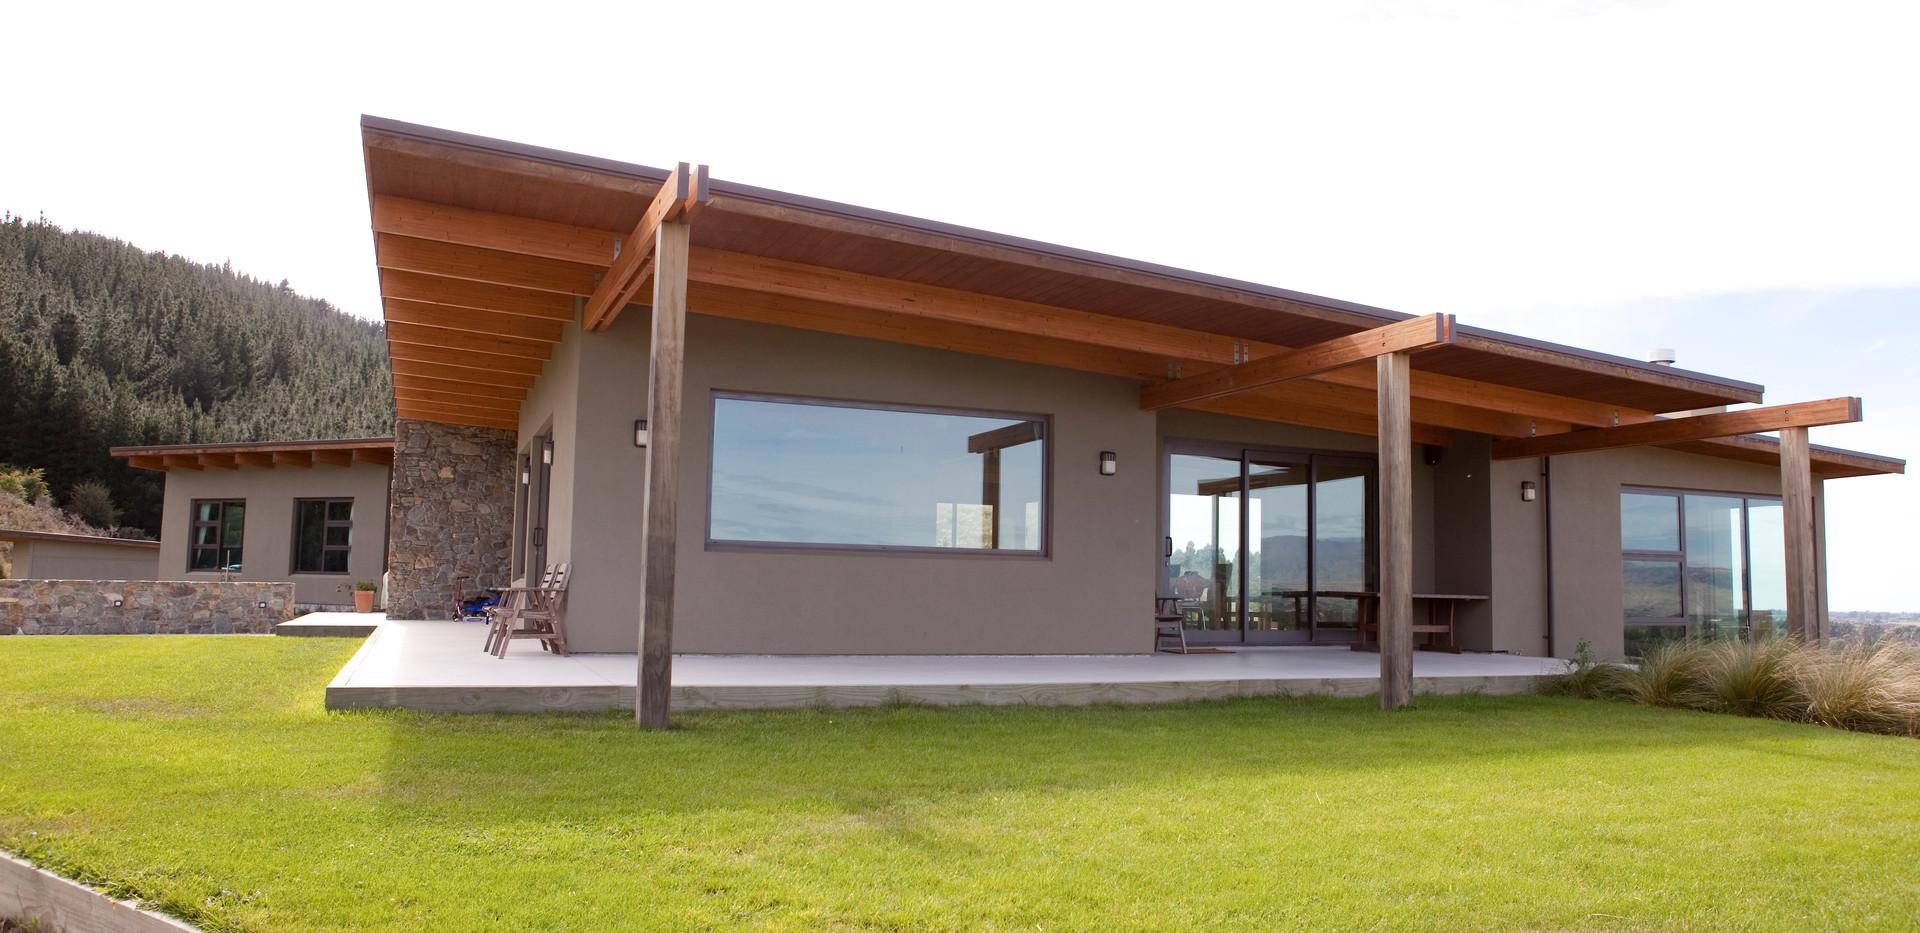 Kaituna House